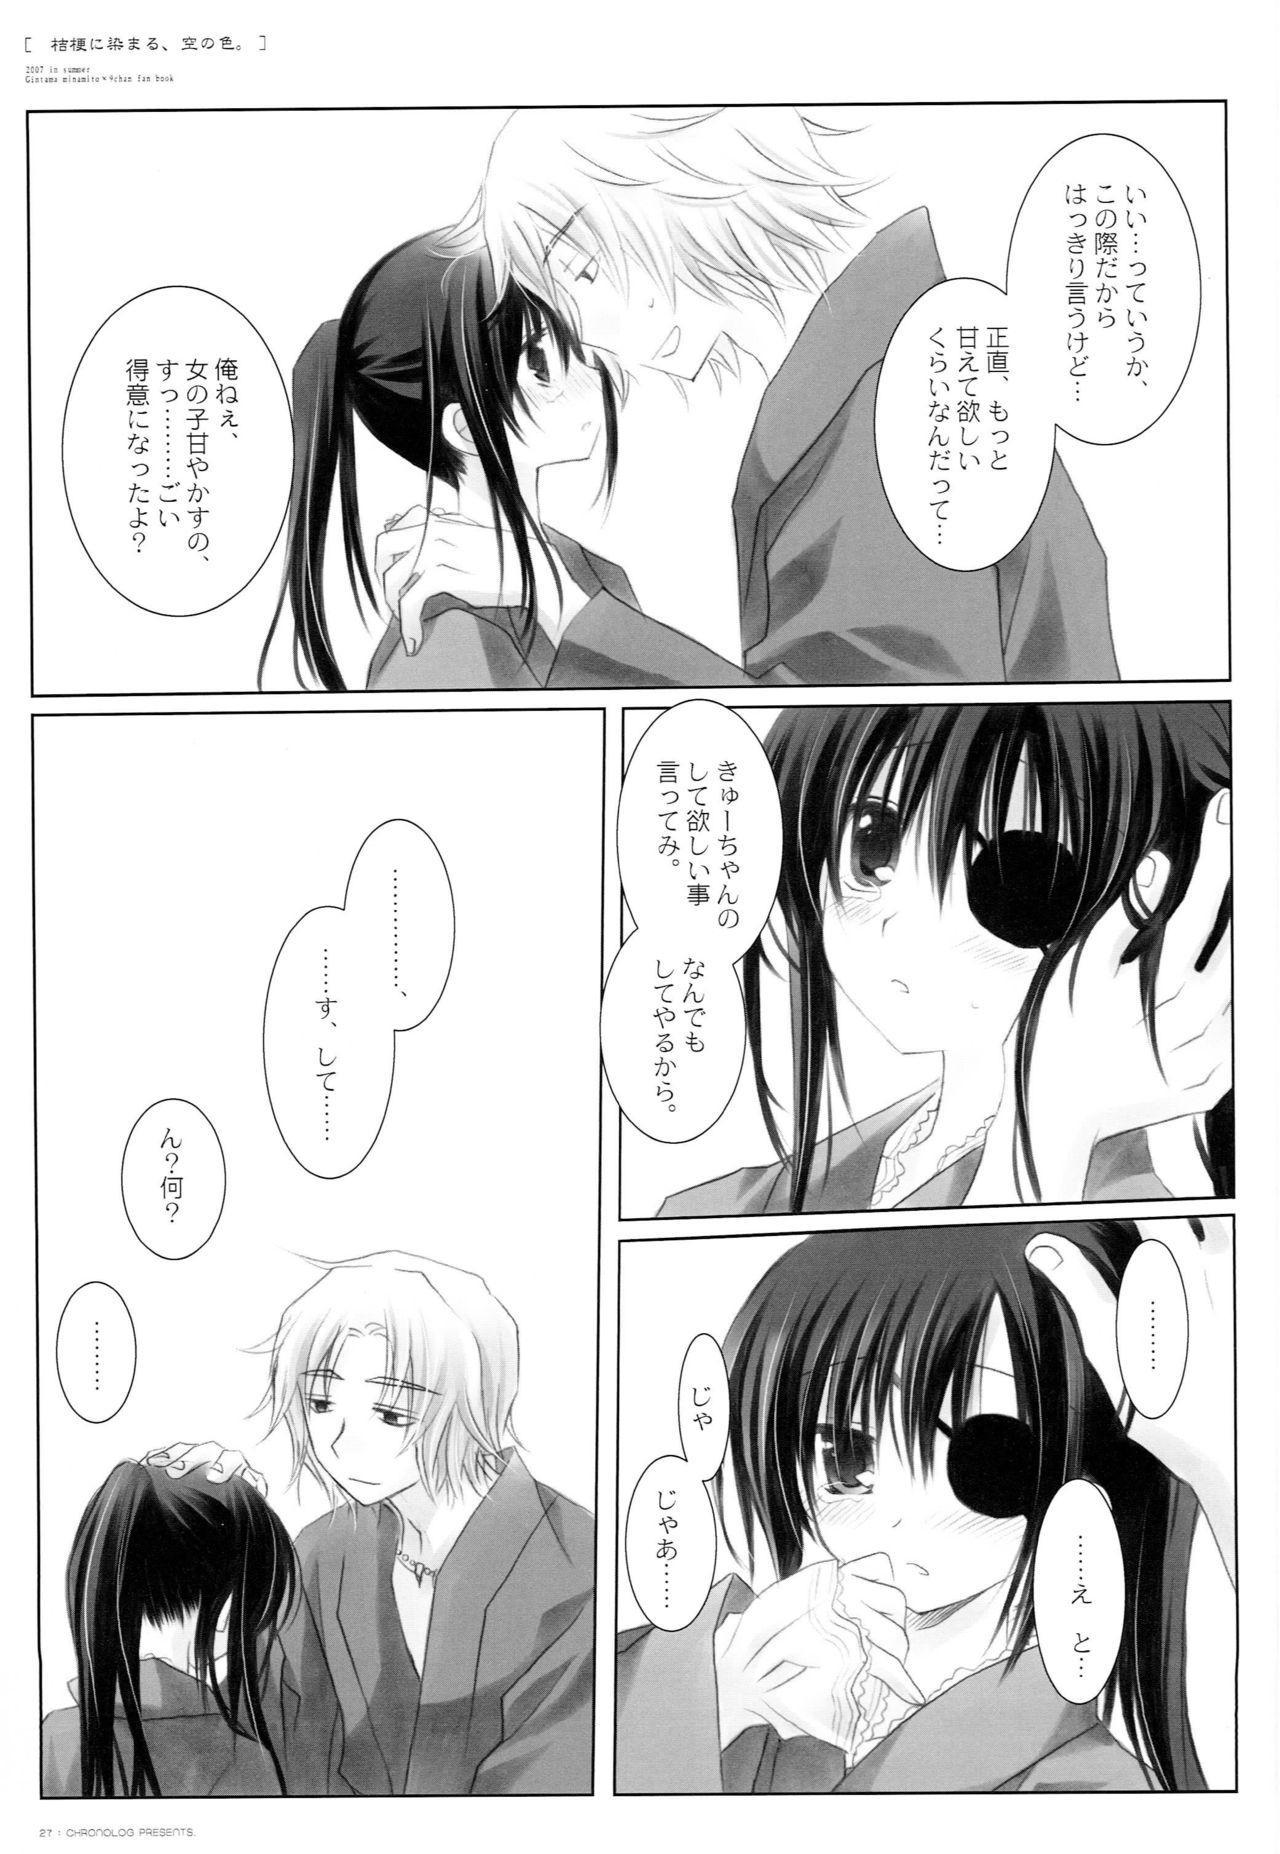 Kikyou ni Somaru Sora no Iro 25